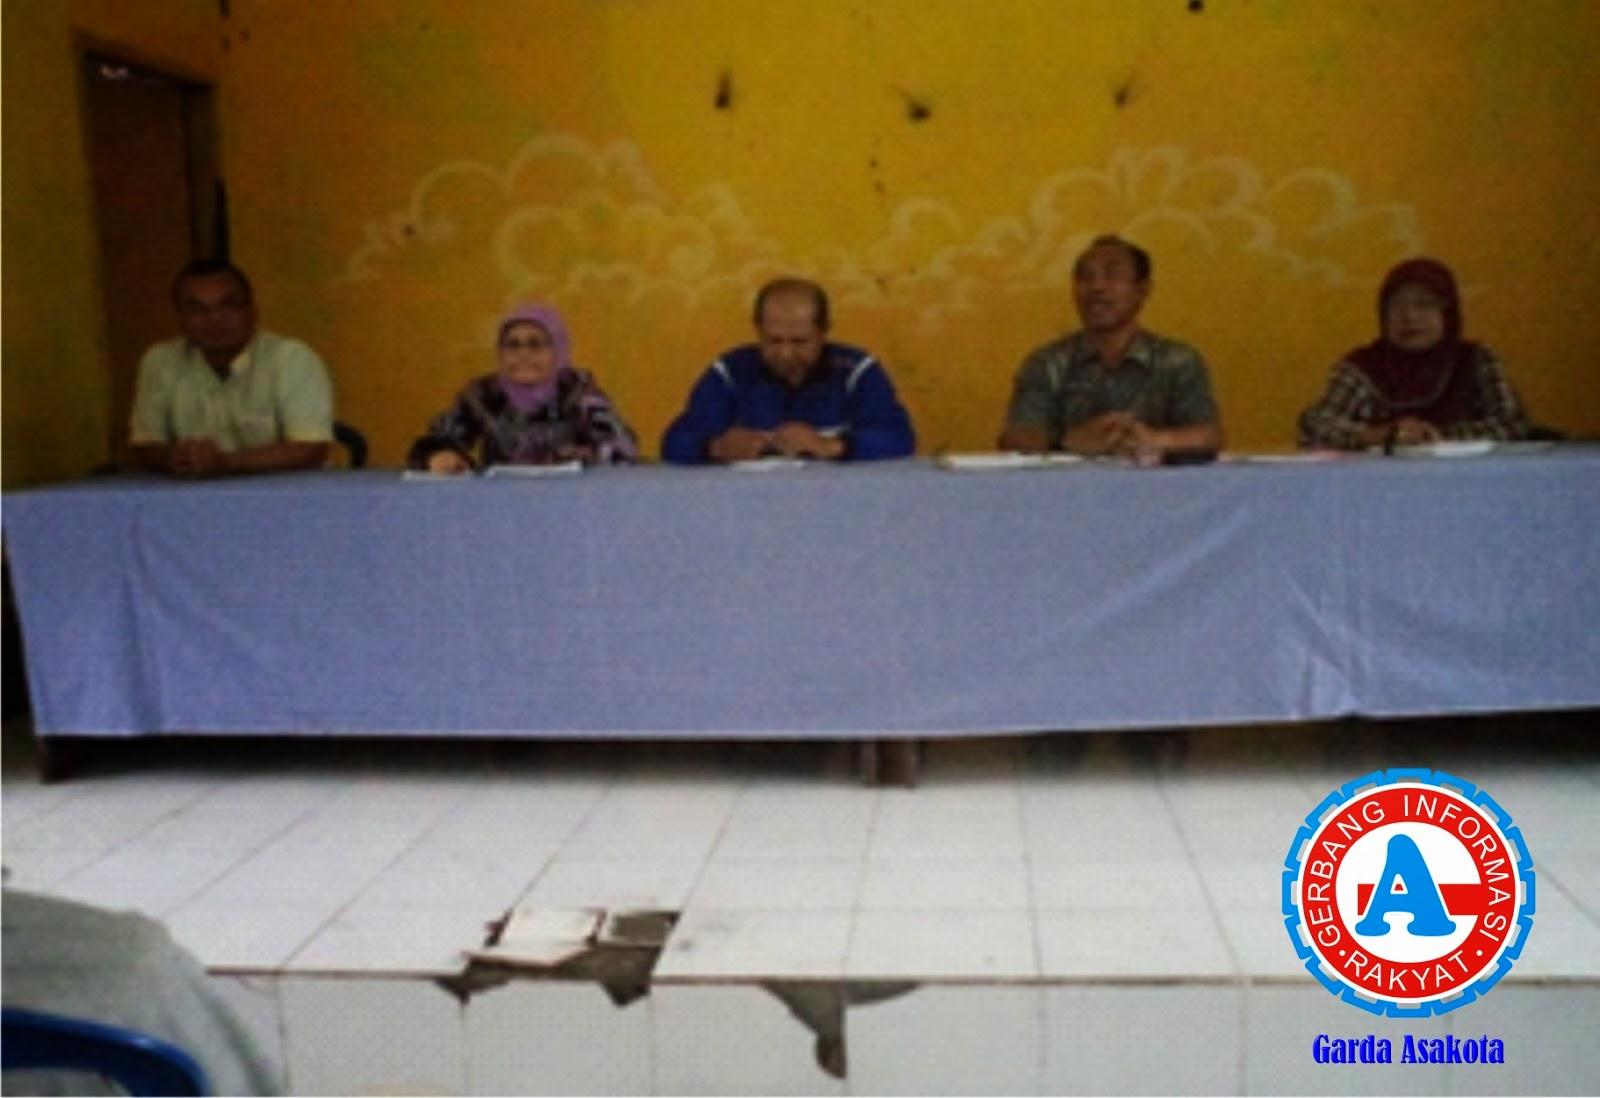 Dinas Perkebunan Dompu Sosialisasi Tanaman Tebu di Kecamatan Pekat